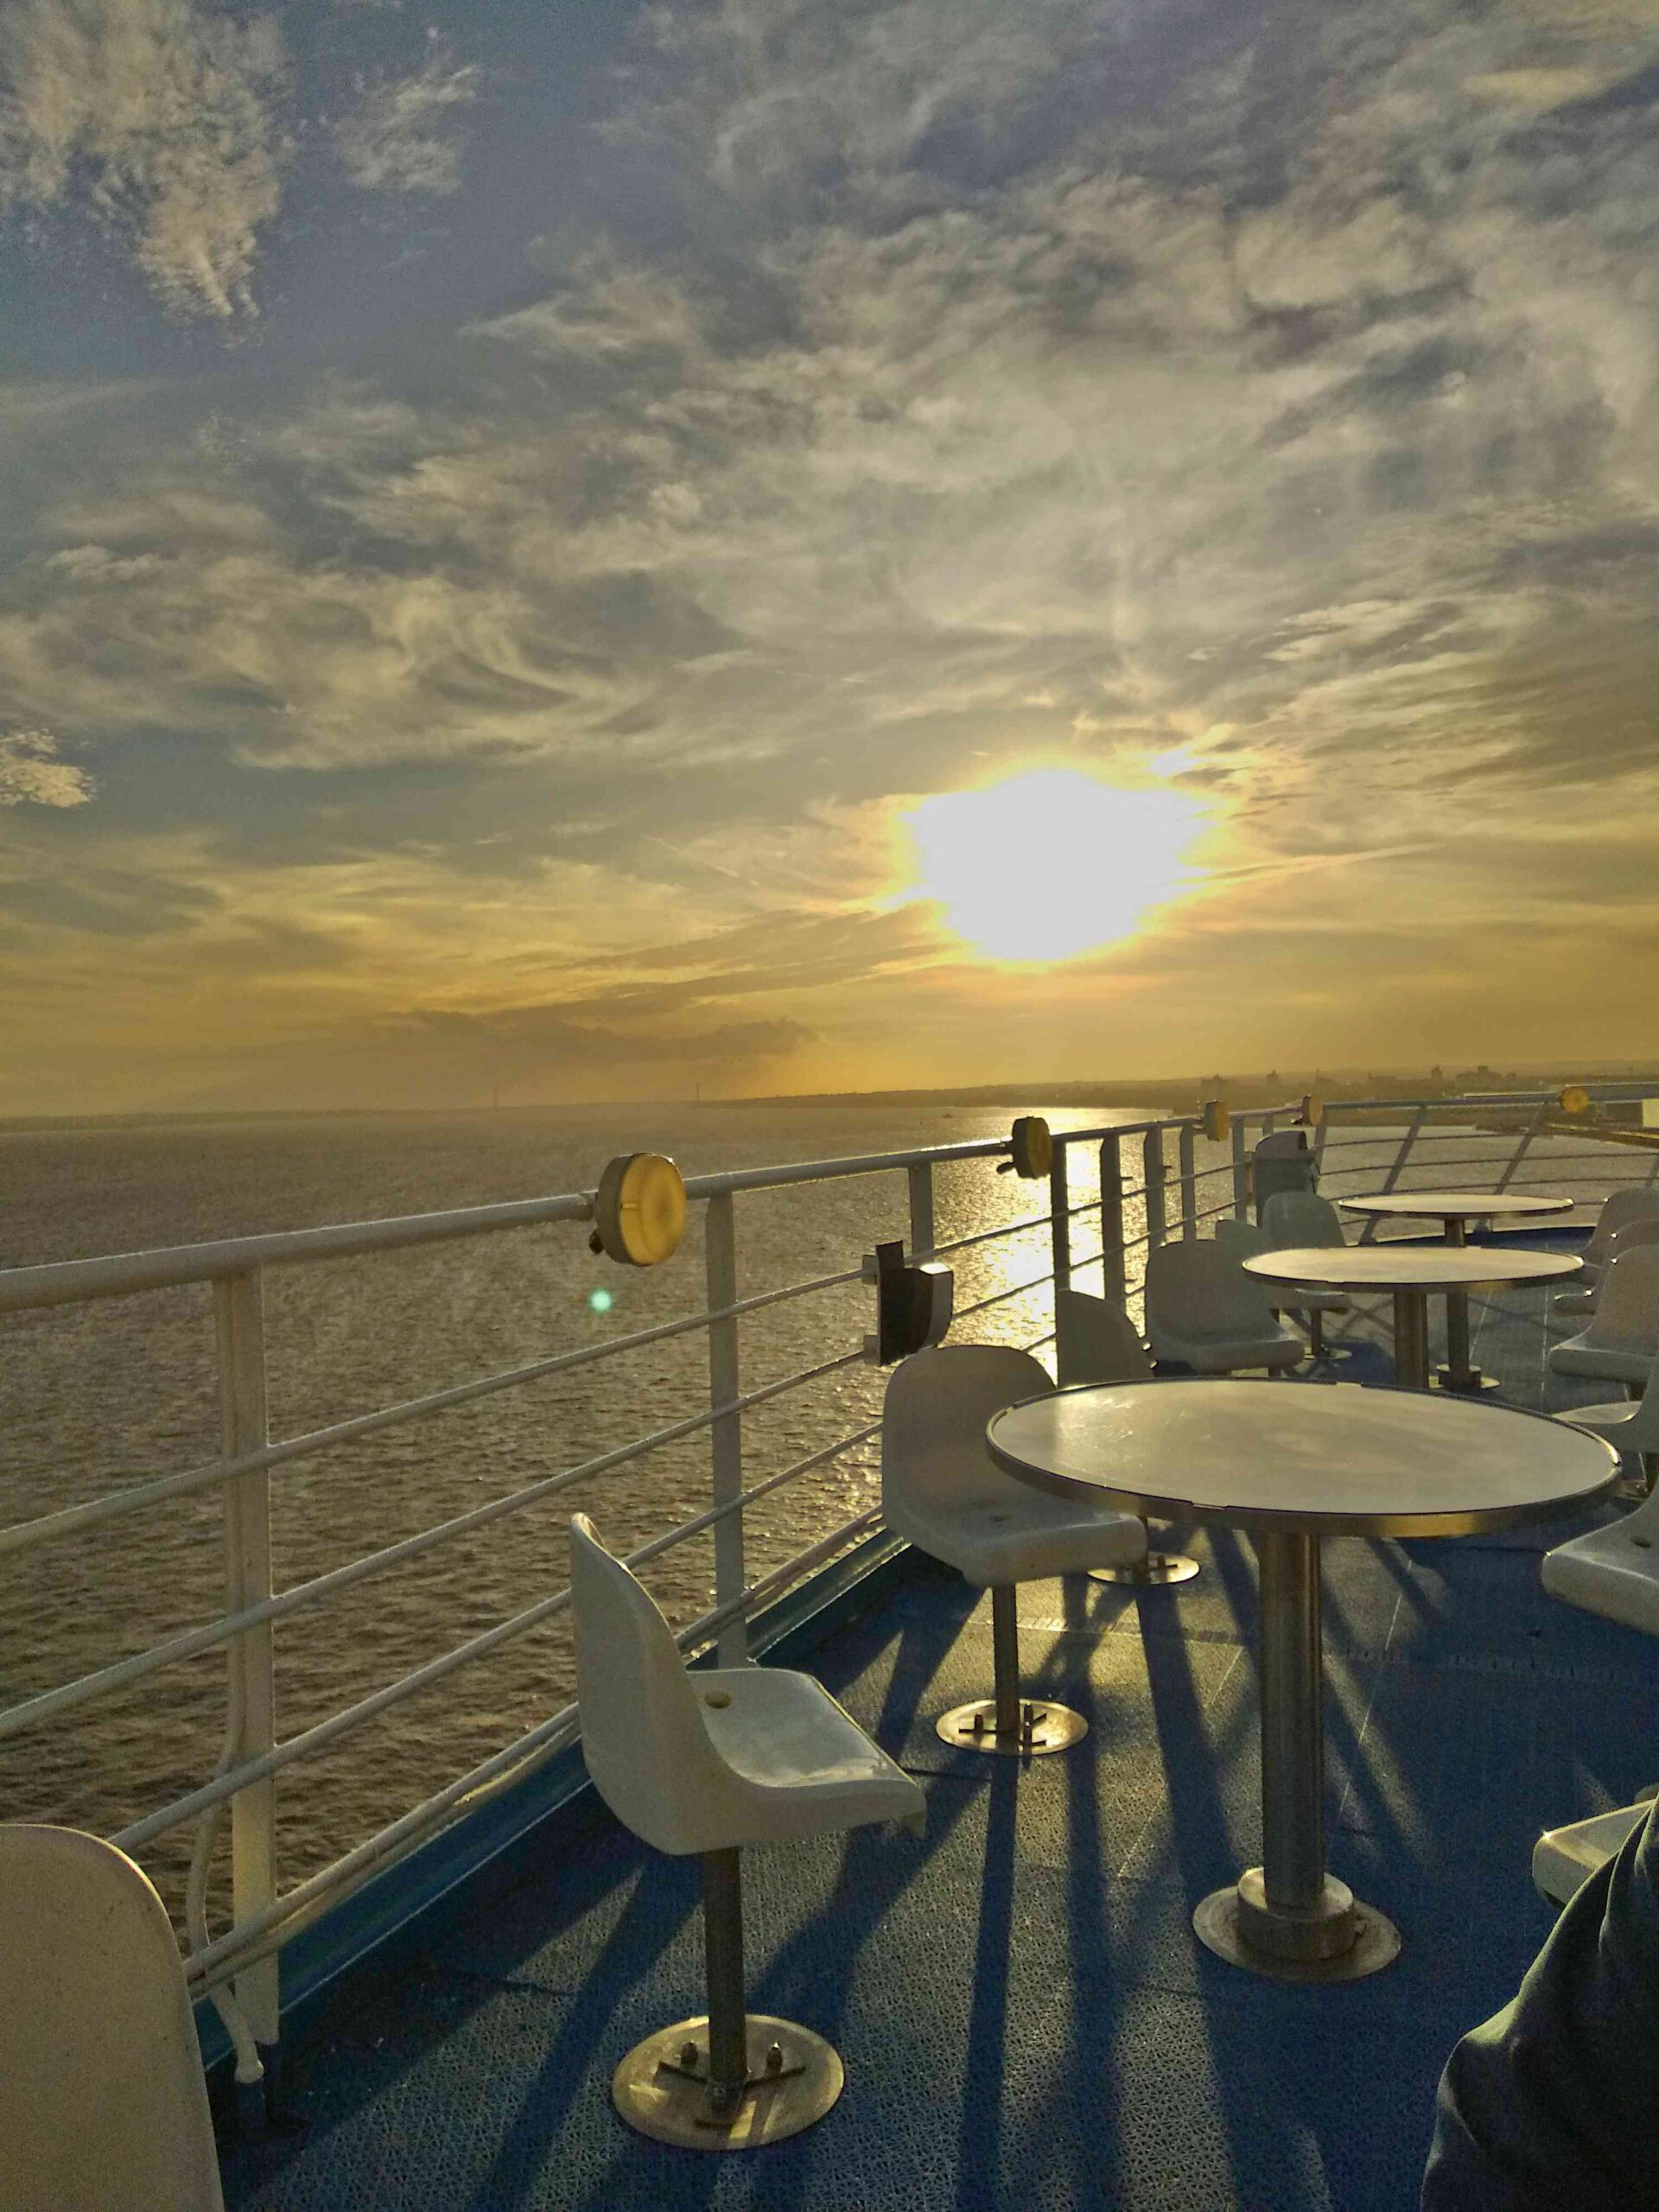 Bild zeigt Sonnenuntergang auf der Reise zurück aus England von Hull nach Rotterdam